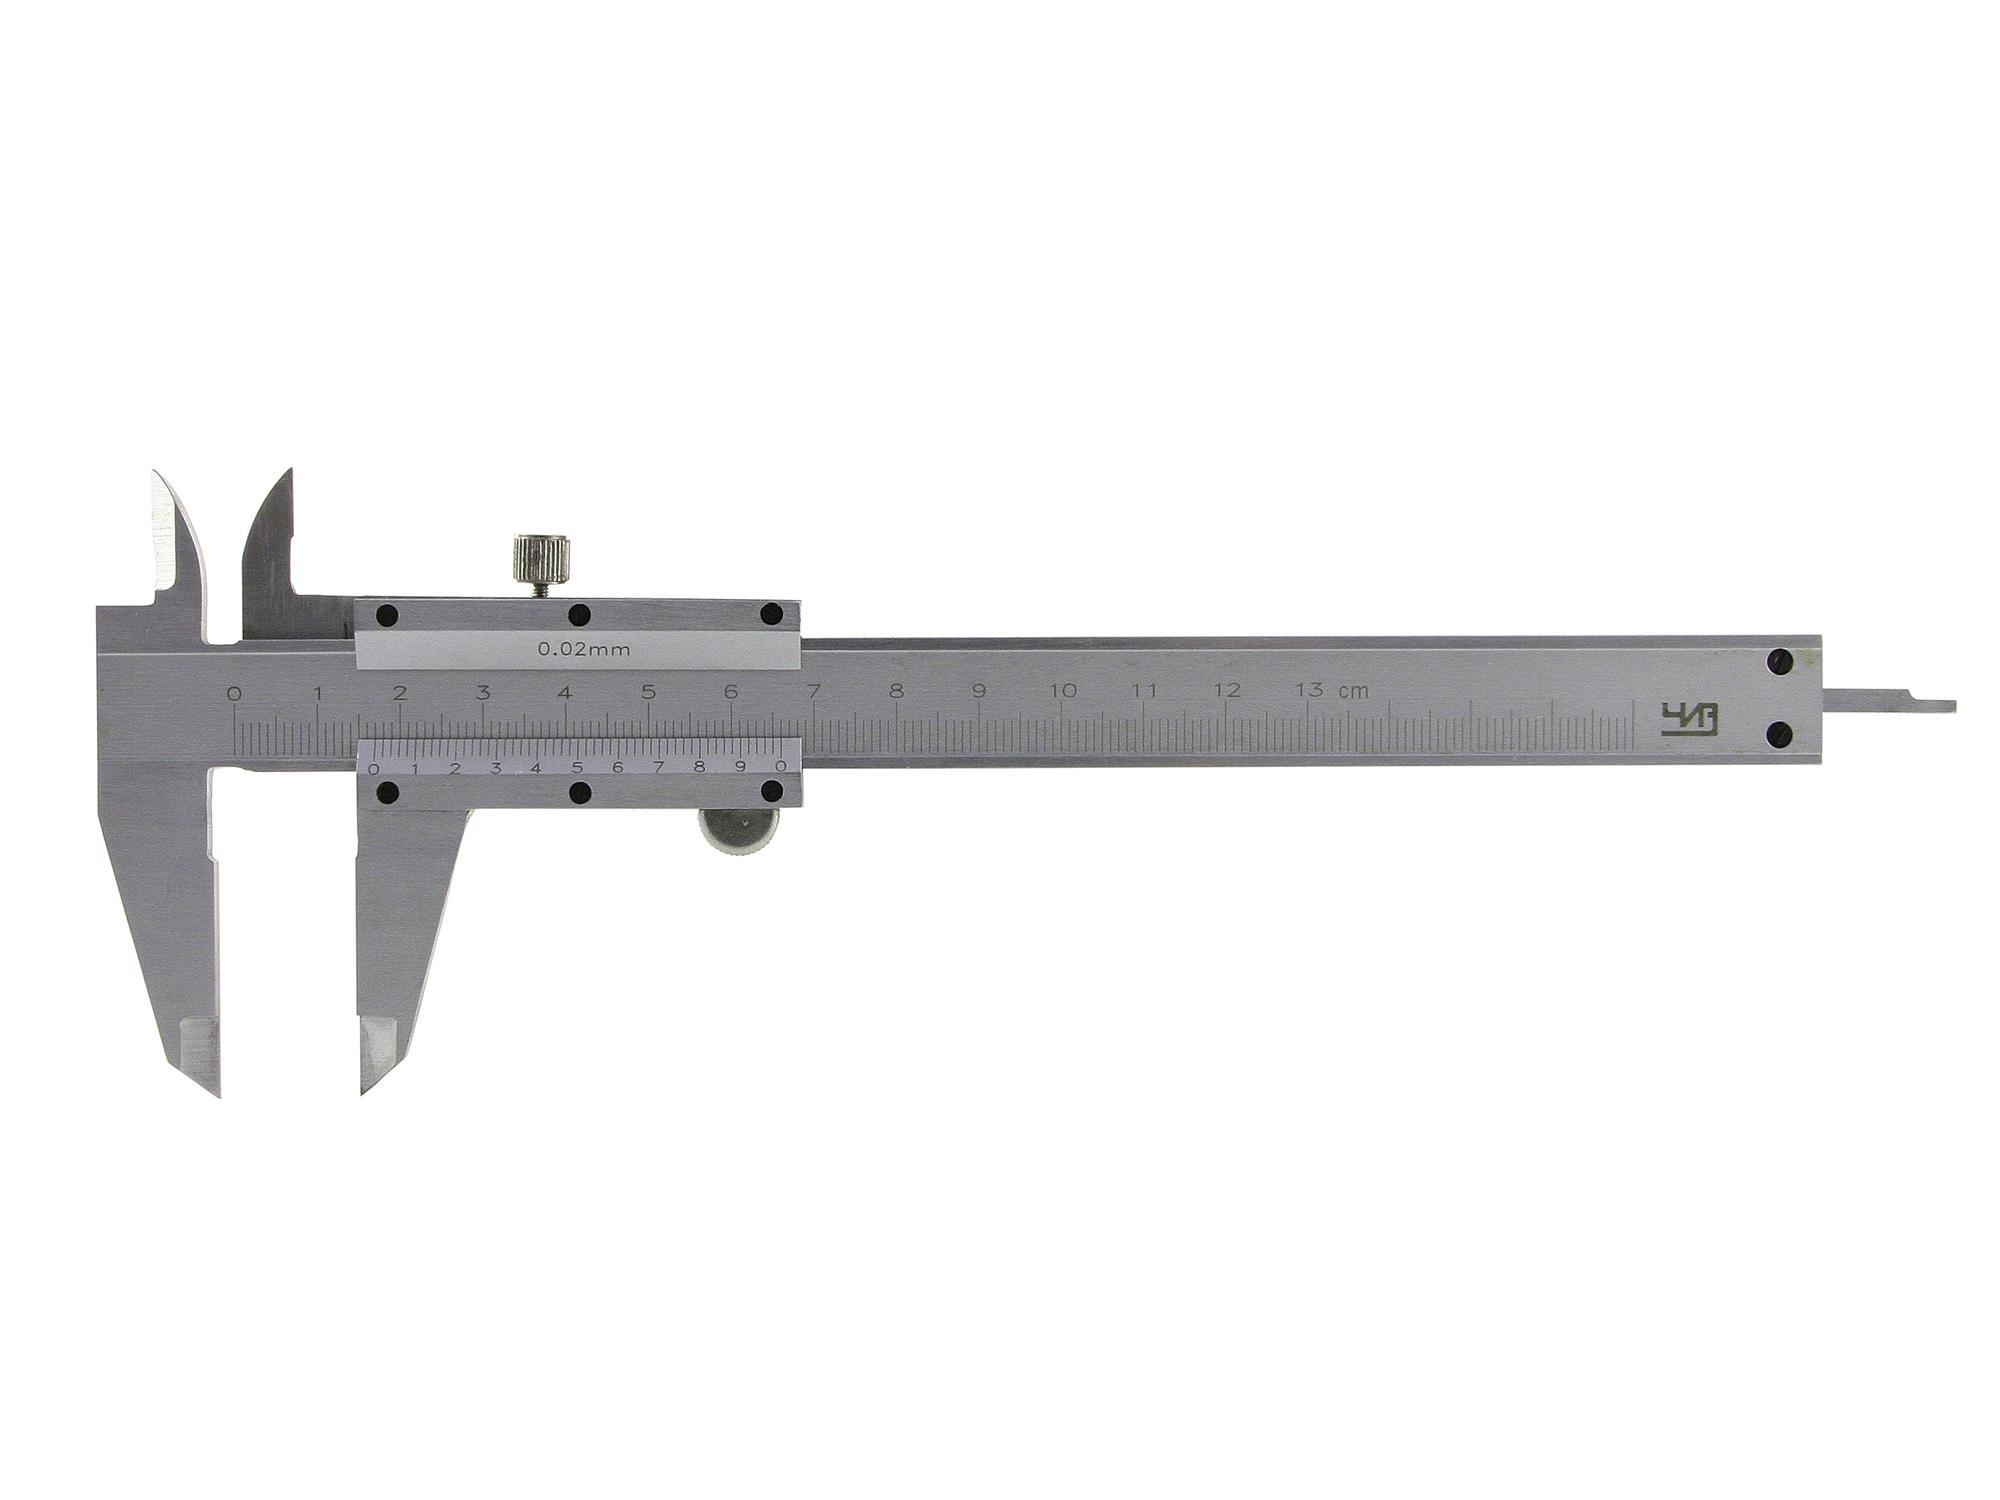 Штангенциркуль ЧИЗ ШЦ-1-200 0.05 моноблок